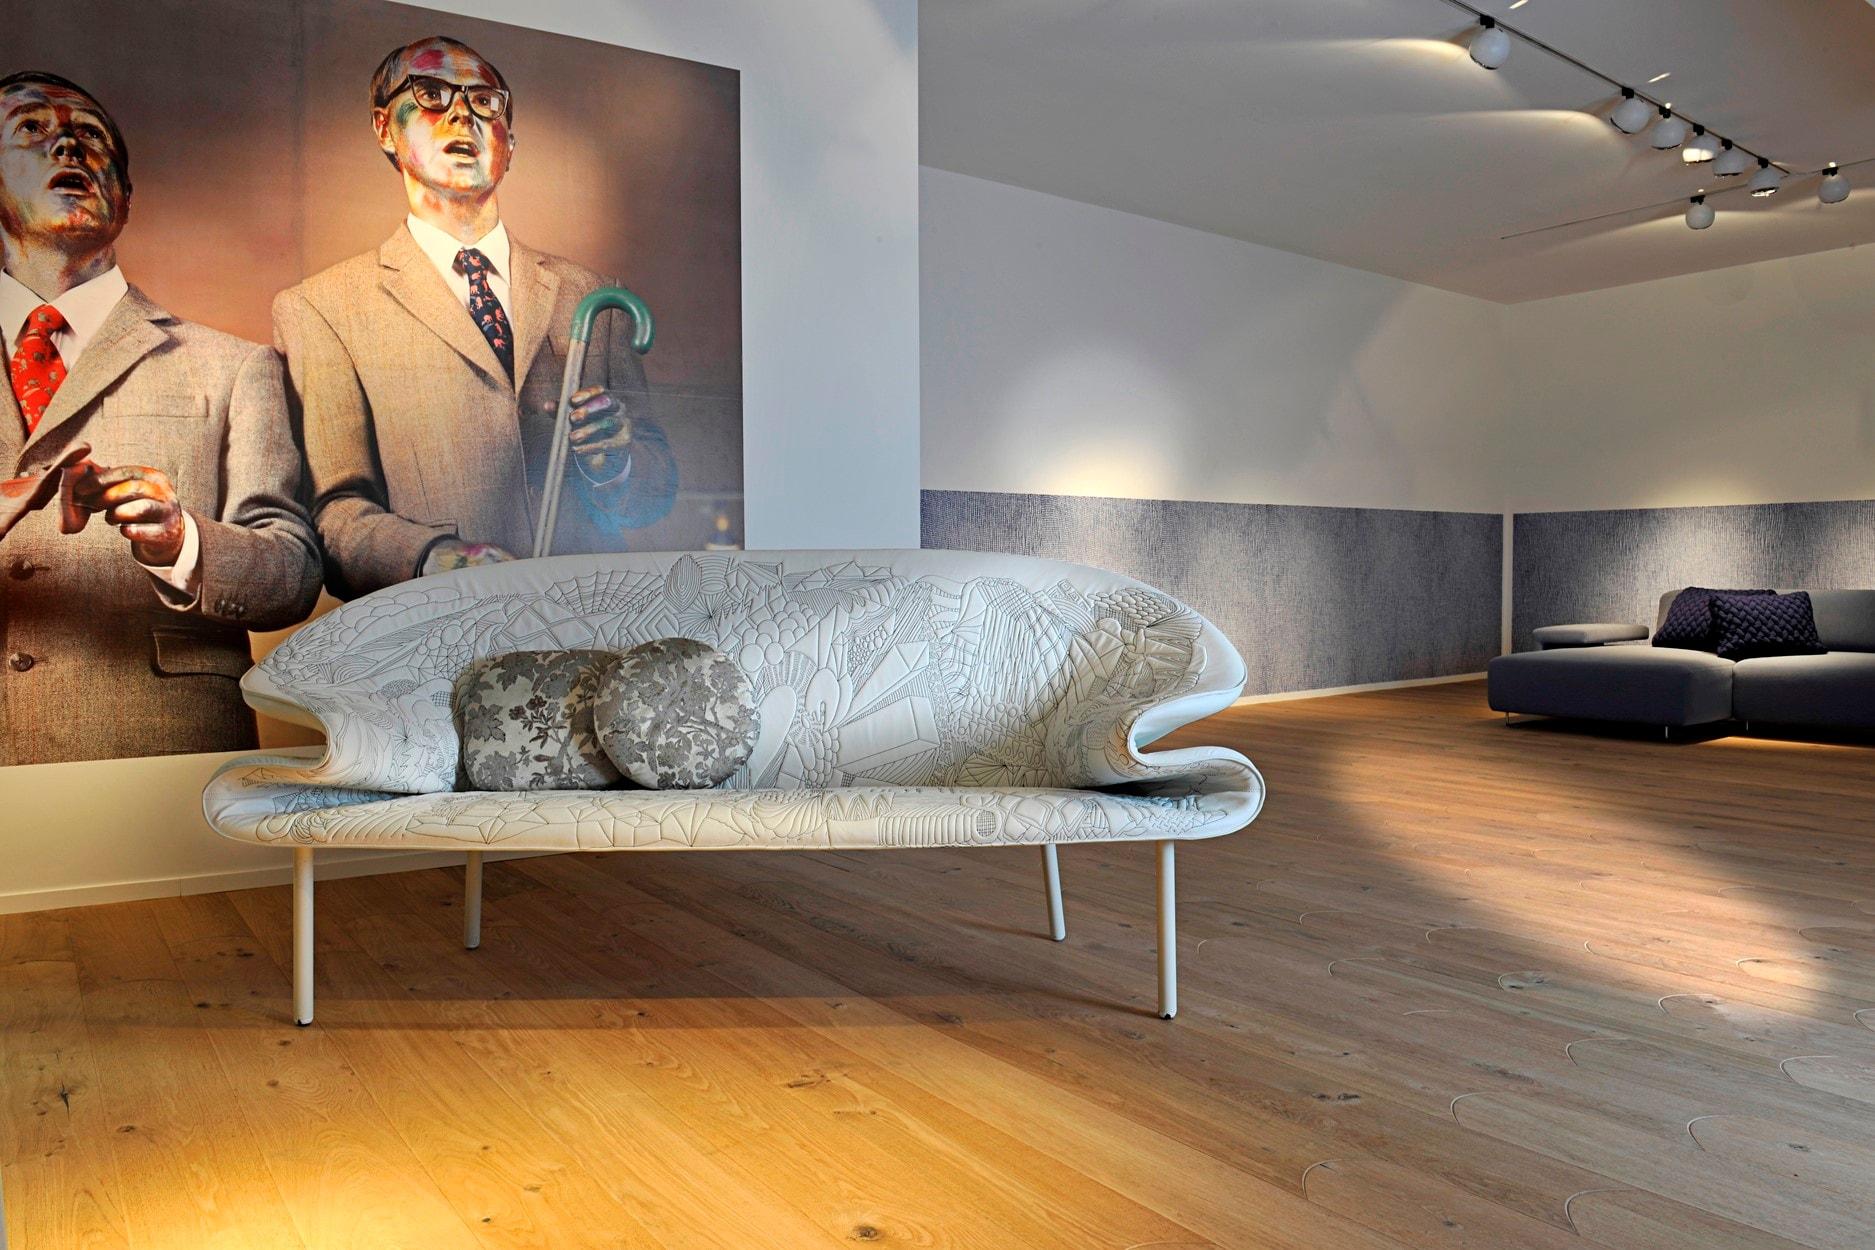 Biscuit la nuova collezione di pavimenti in legno Listone Giordano disegnata da Patricia Urquiola